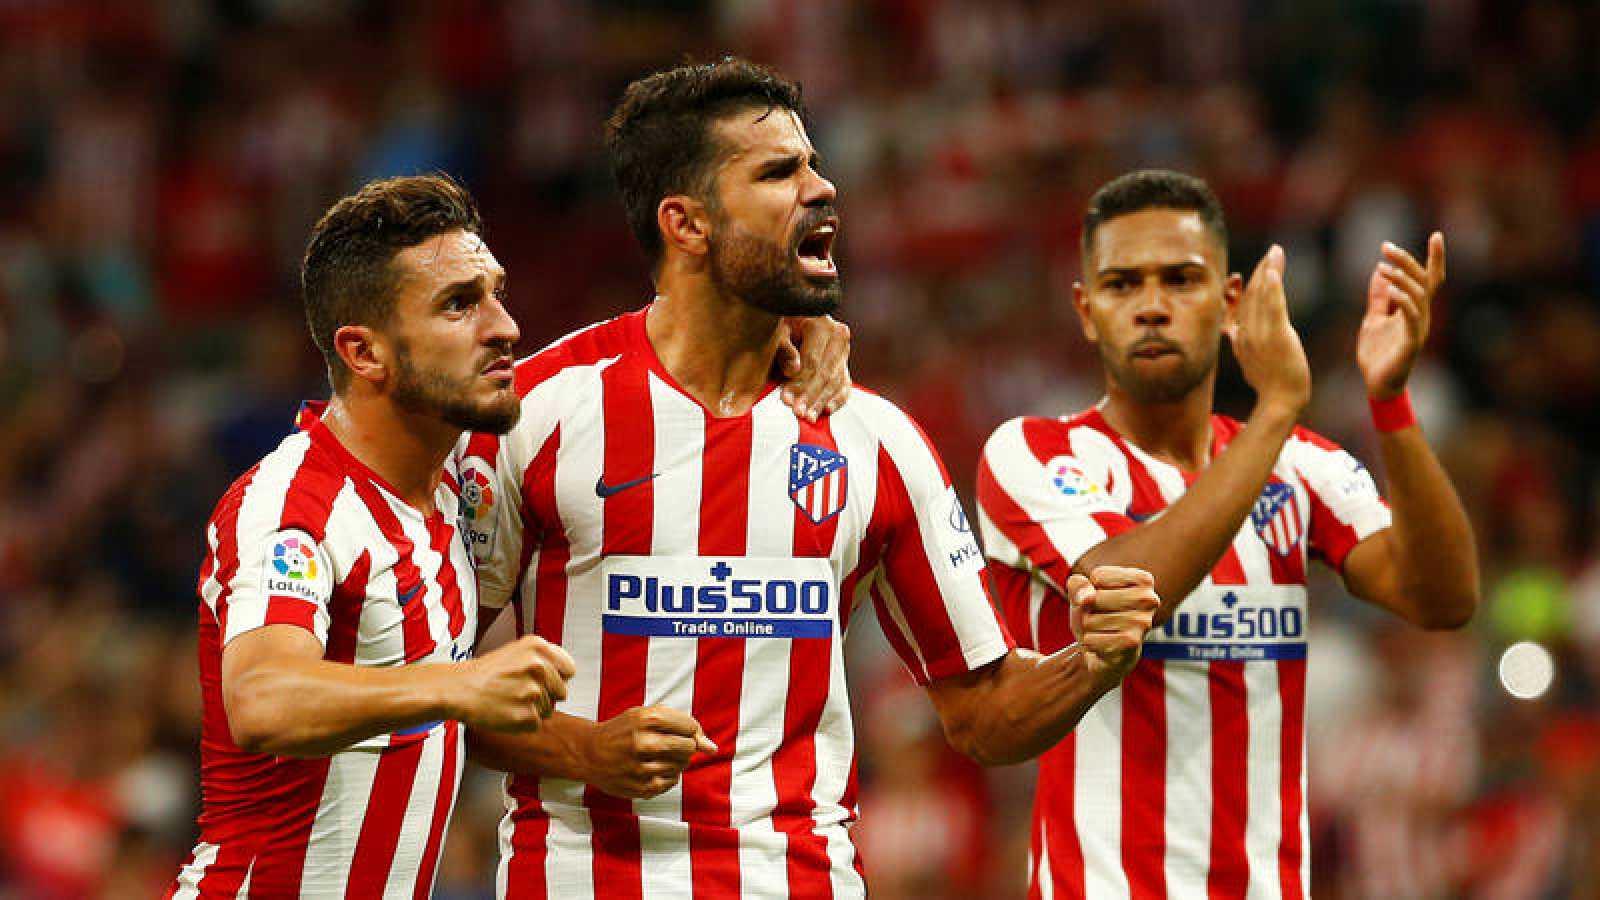 El Atlético aprovecha el mal inicio de Liga de Barça y Madrid para coger ventaja al frente de la tabla